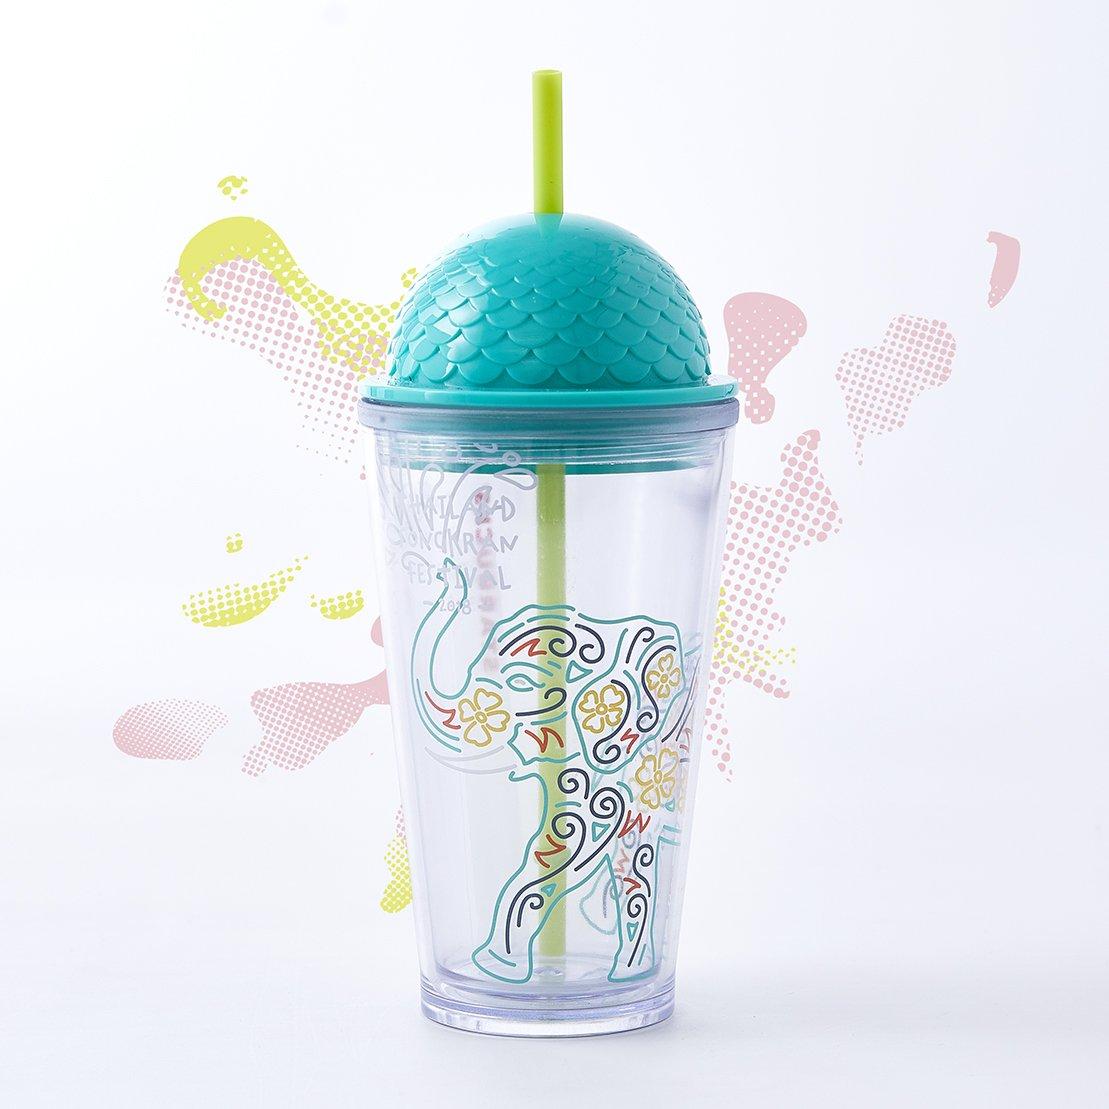 สตาร์บัคส์ร่วมนับถอยหลังเฉลิมฉลองวันปีใหม่ไทย  พร้อมส่งคอลเลคชั่นดริ้งค์แวร์ใหม่ล่าสุดแต่งแต้มสีสันแห่งความสนุกรับเทศกาลสงกรานต์ 23 - Starbucks (สตาร์บัคส์)